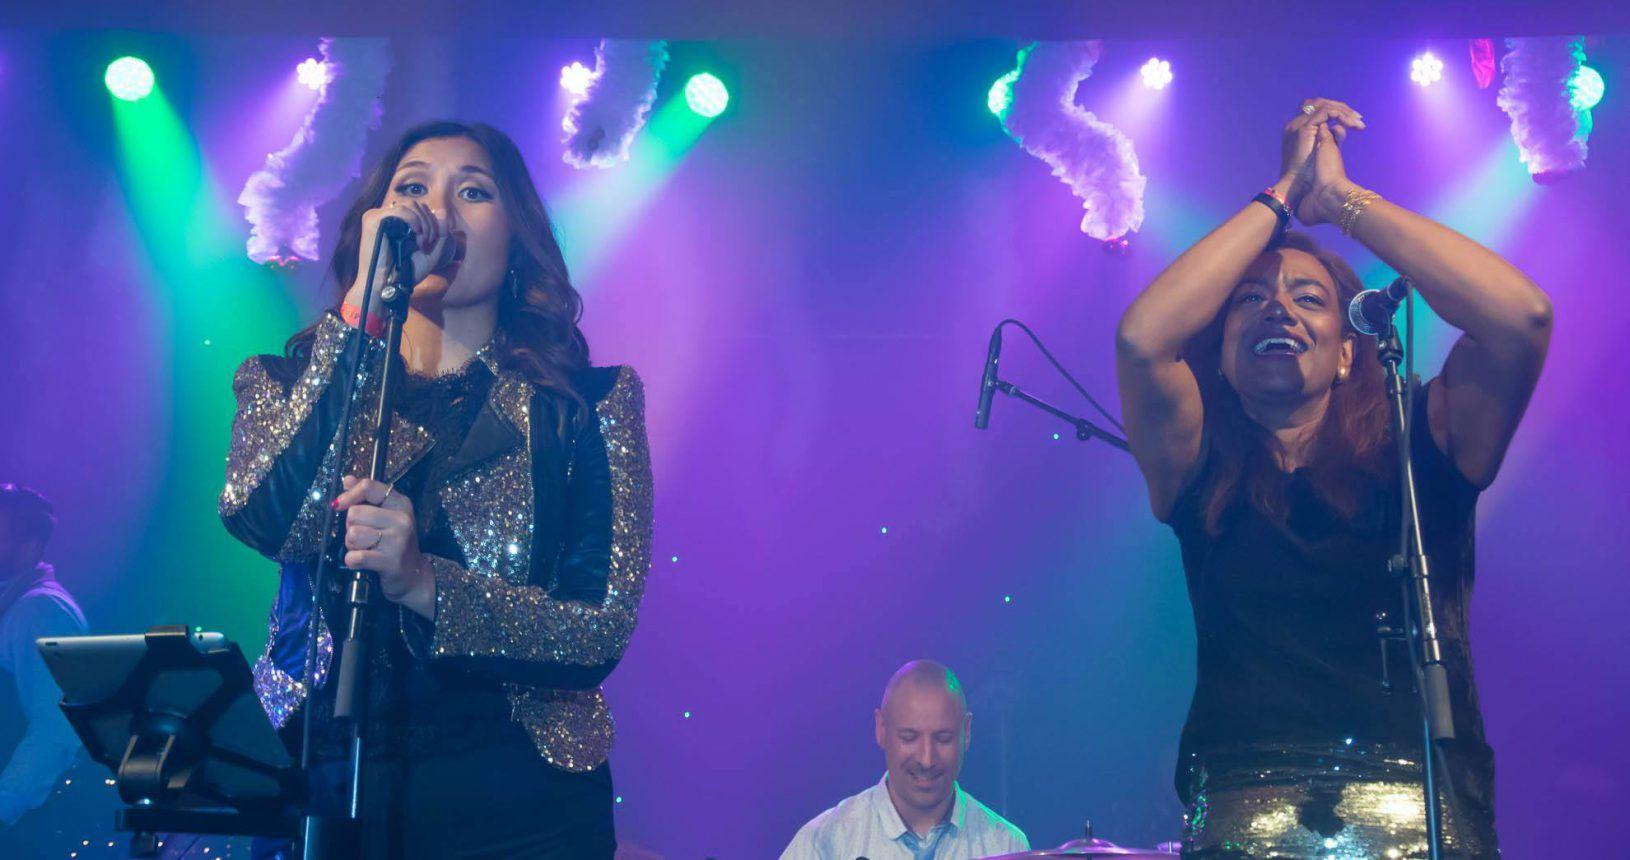 Onze prachtige zangeressen (Arva en Kristina) en onze drummer!